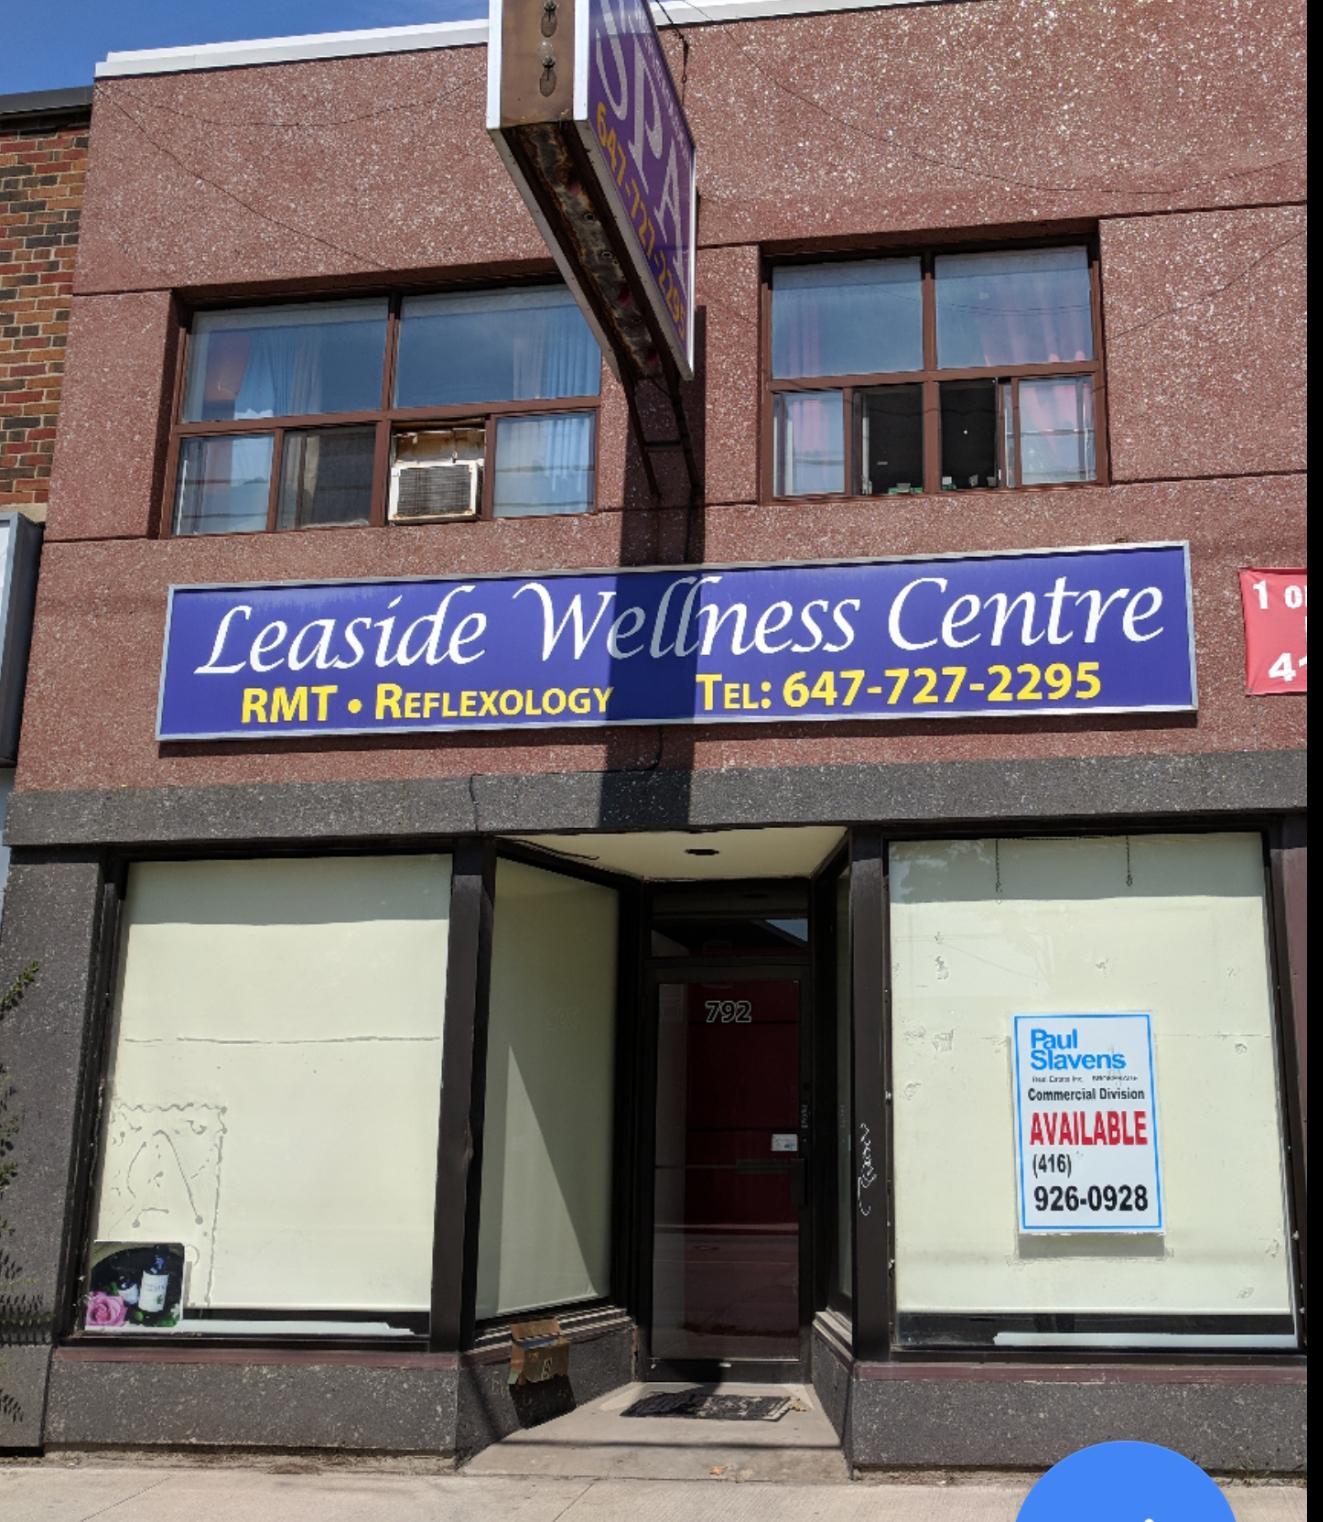 Leaside - 792 Eglinton Ave E - Leased